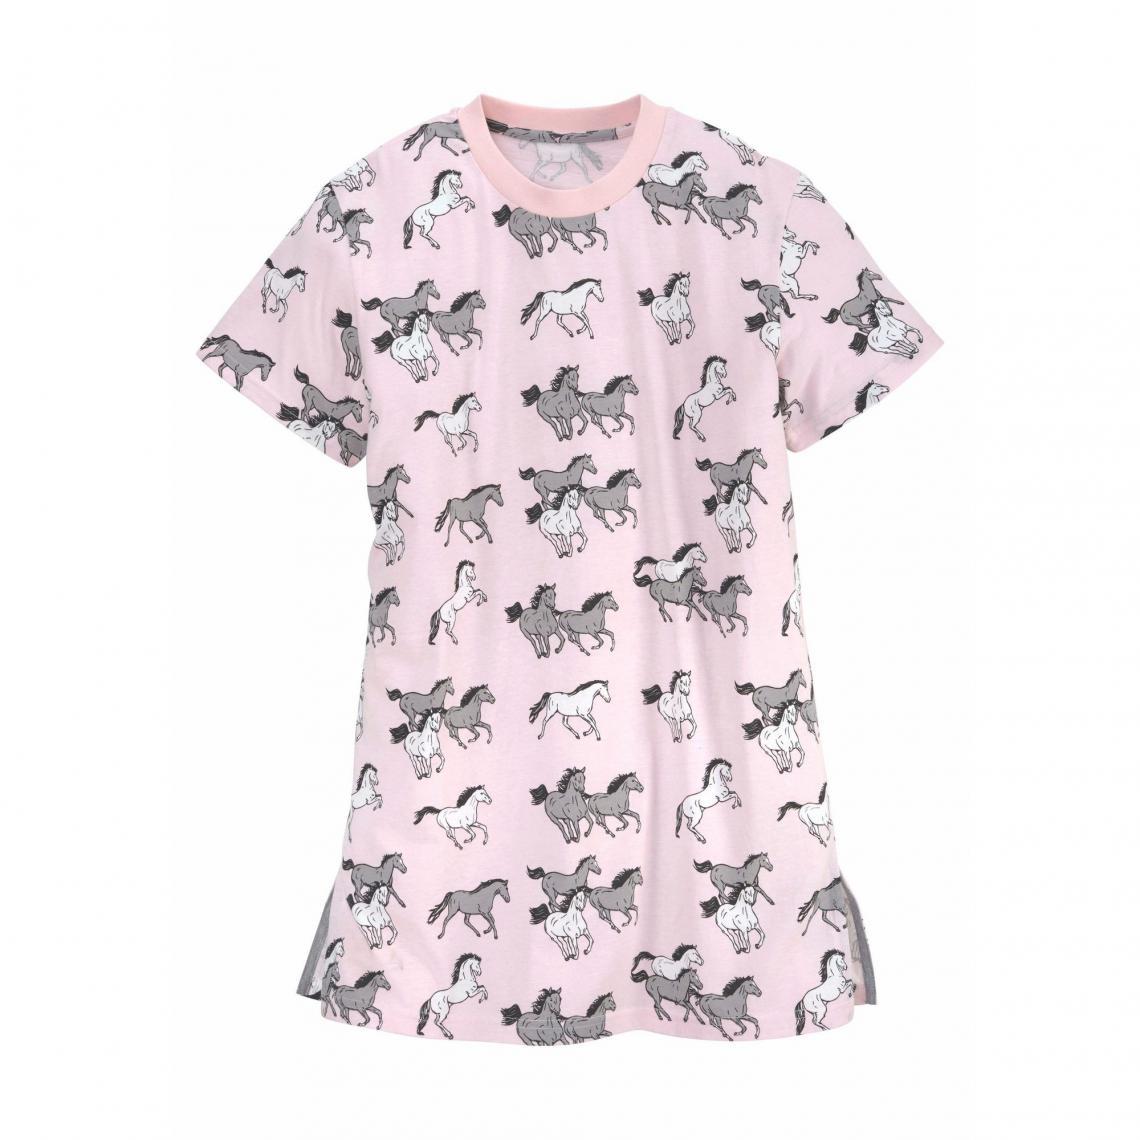 1ef32cdef3036 Pyjama Petite Fleur Cliquez l image pour l agrandir. Petite Fleur Mädchen  Nachthemd mit Allover Pferde-Print - Rose ...